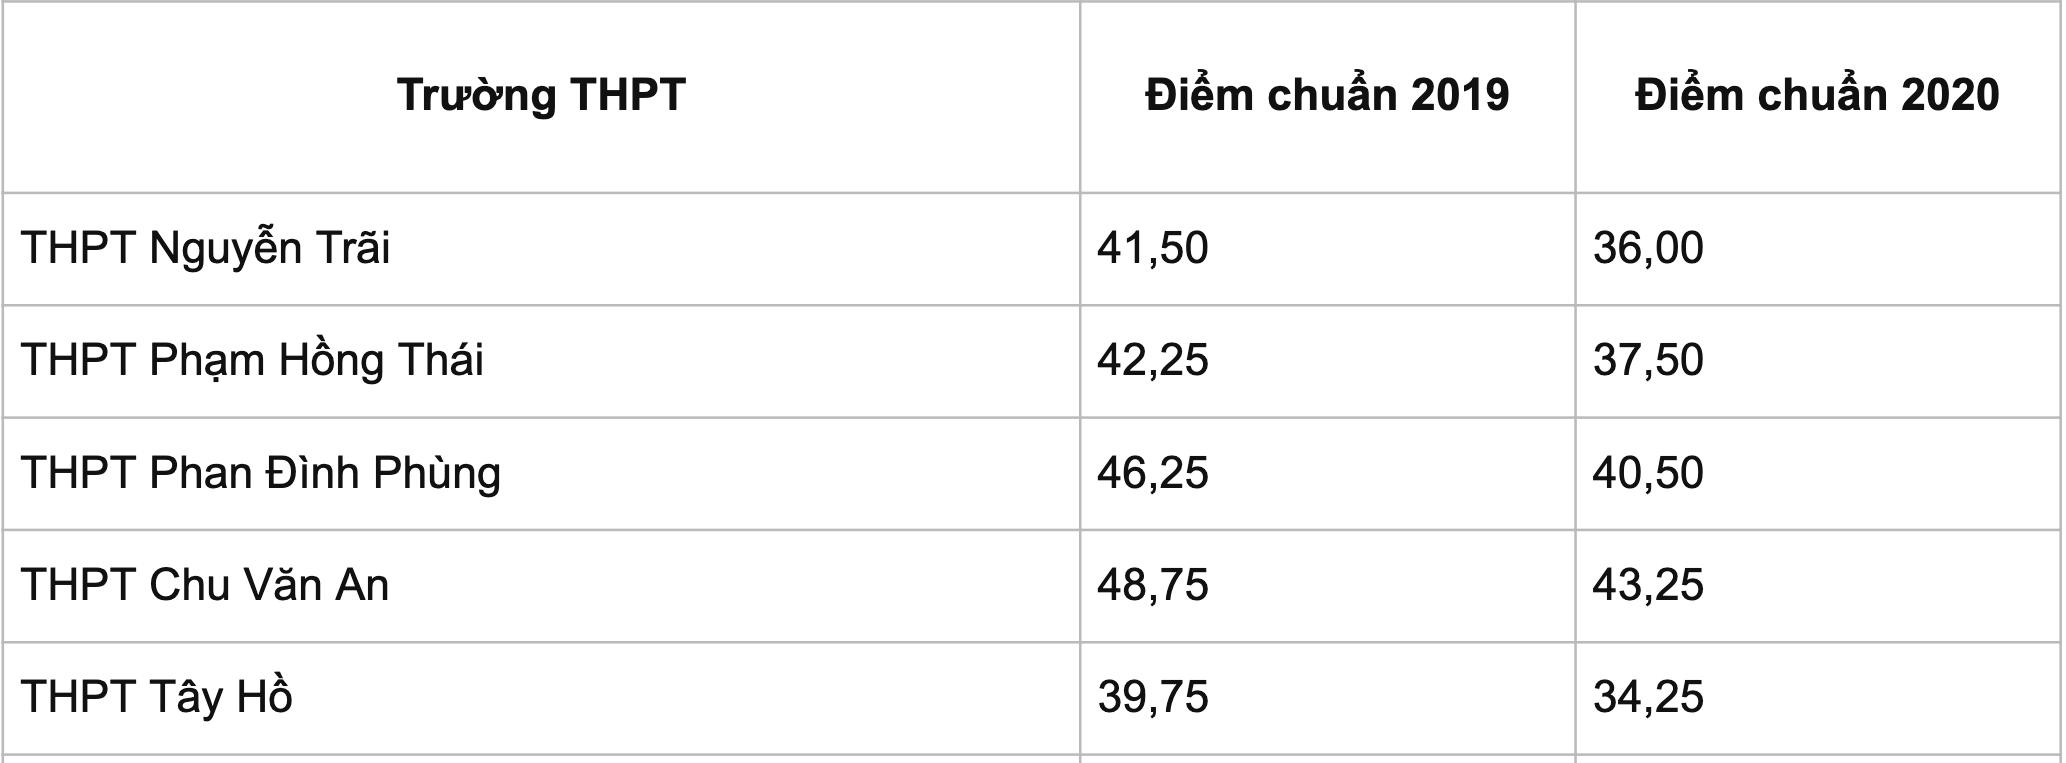 Thi lớp 10 ở Hà Nội: Dự kiến điểm thi, điểm chuẩn đều cao - 2